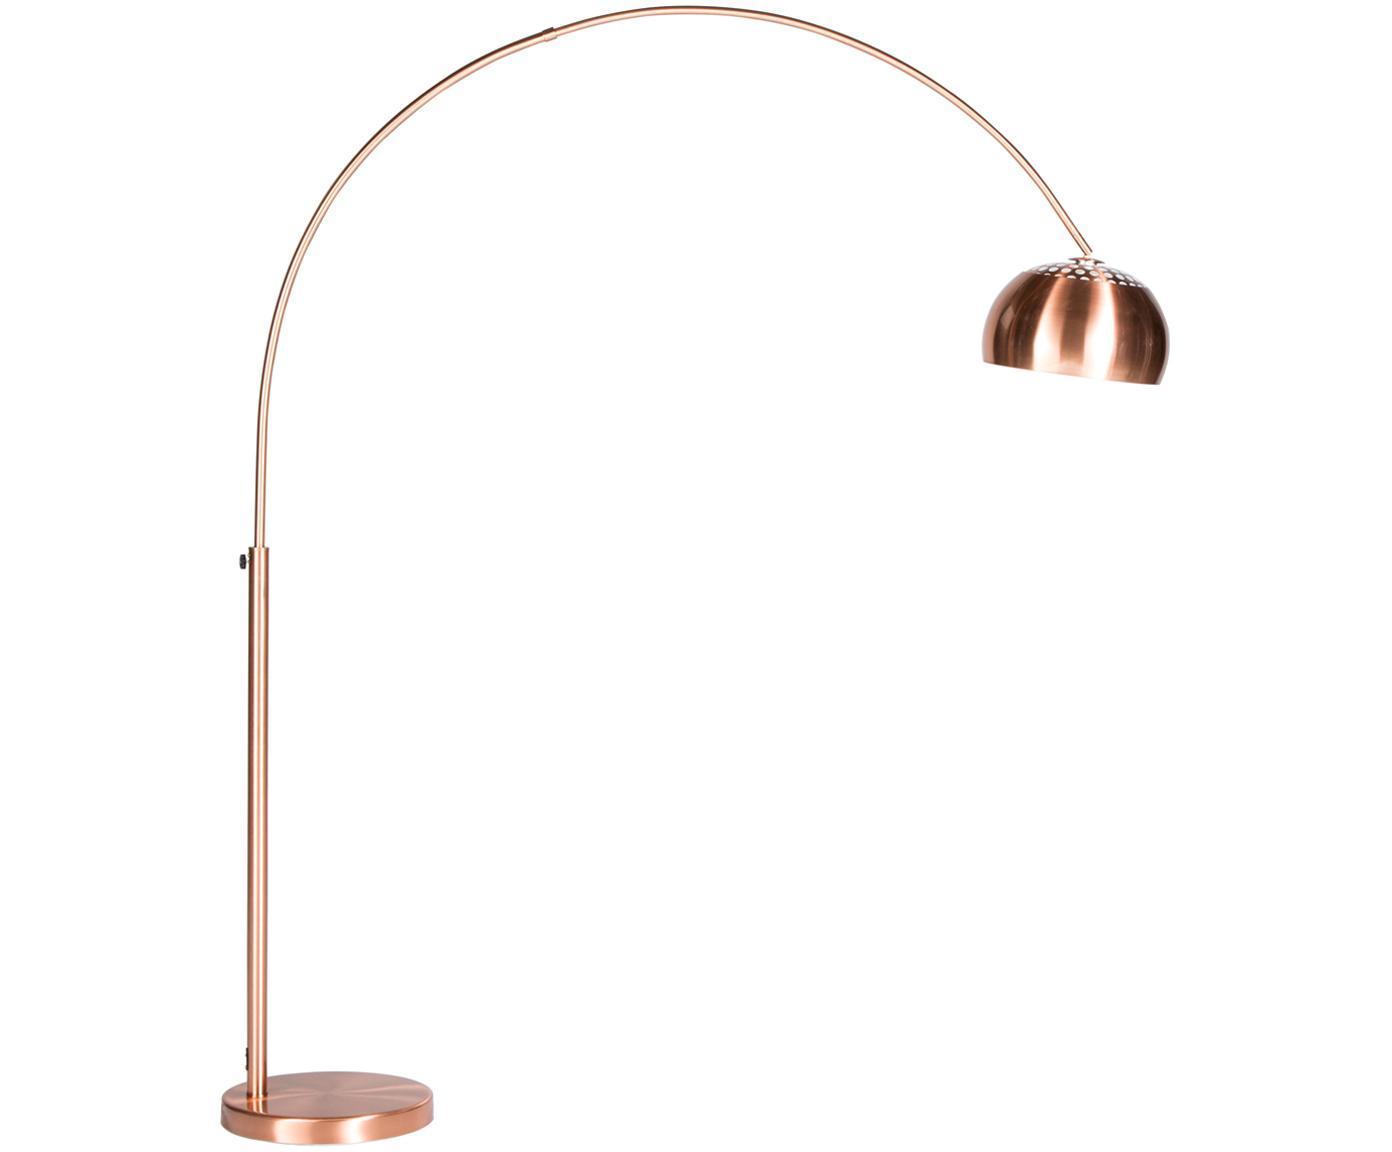 Lampa podłogowa w kształcie łuku z regulacją wysokości Metal Bow, Miedź, S 170 x W 205 cm